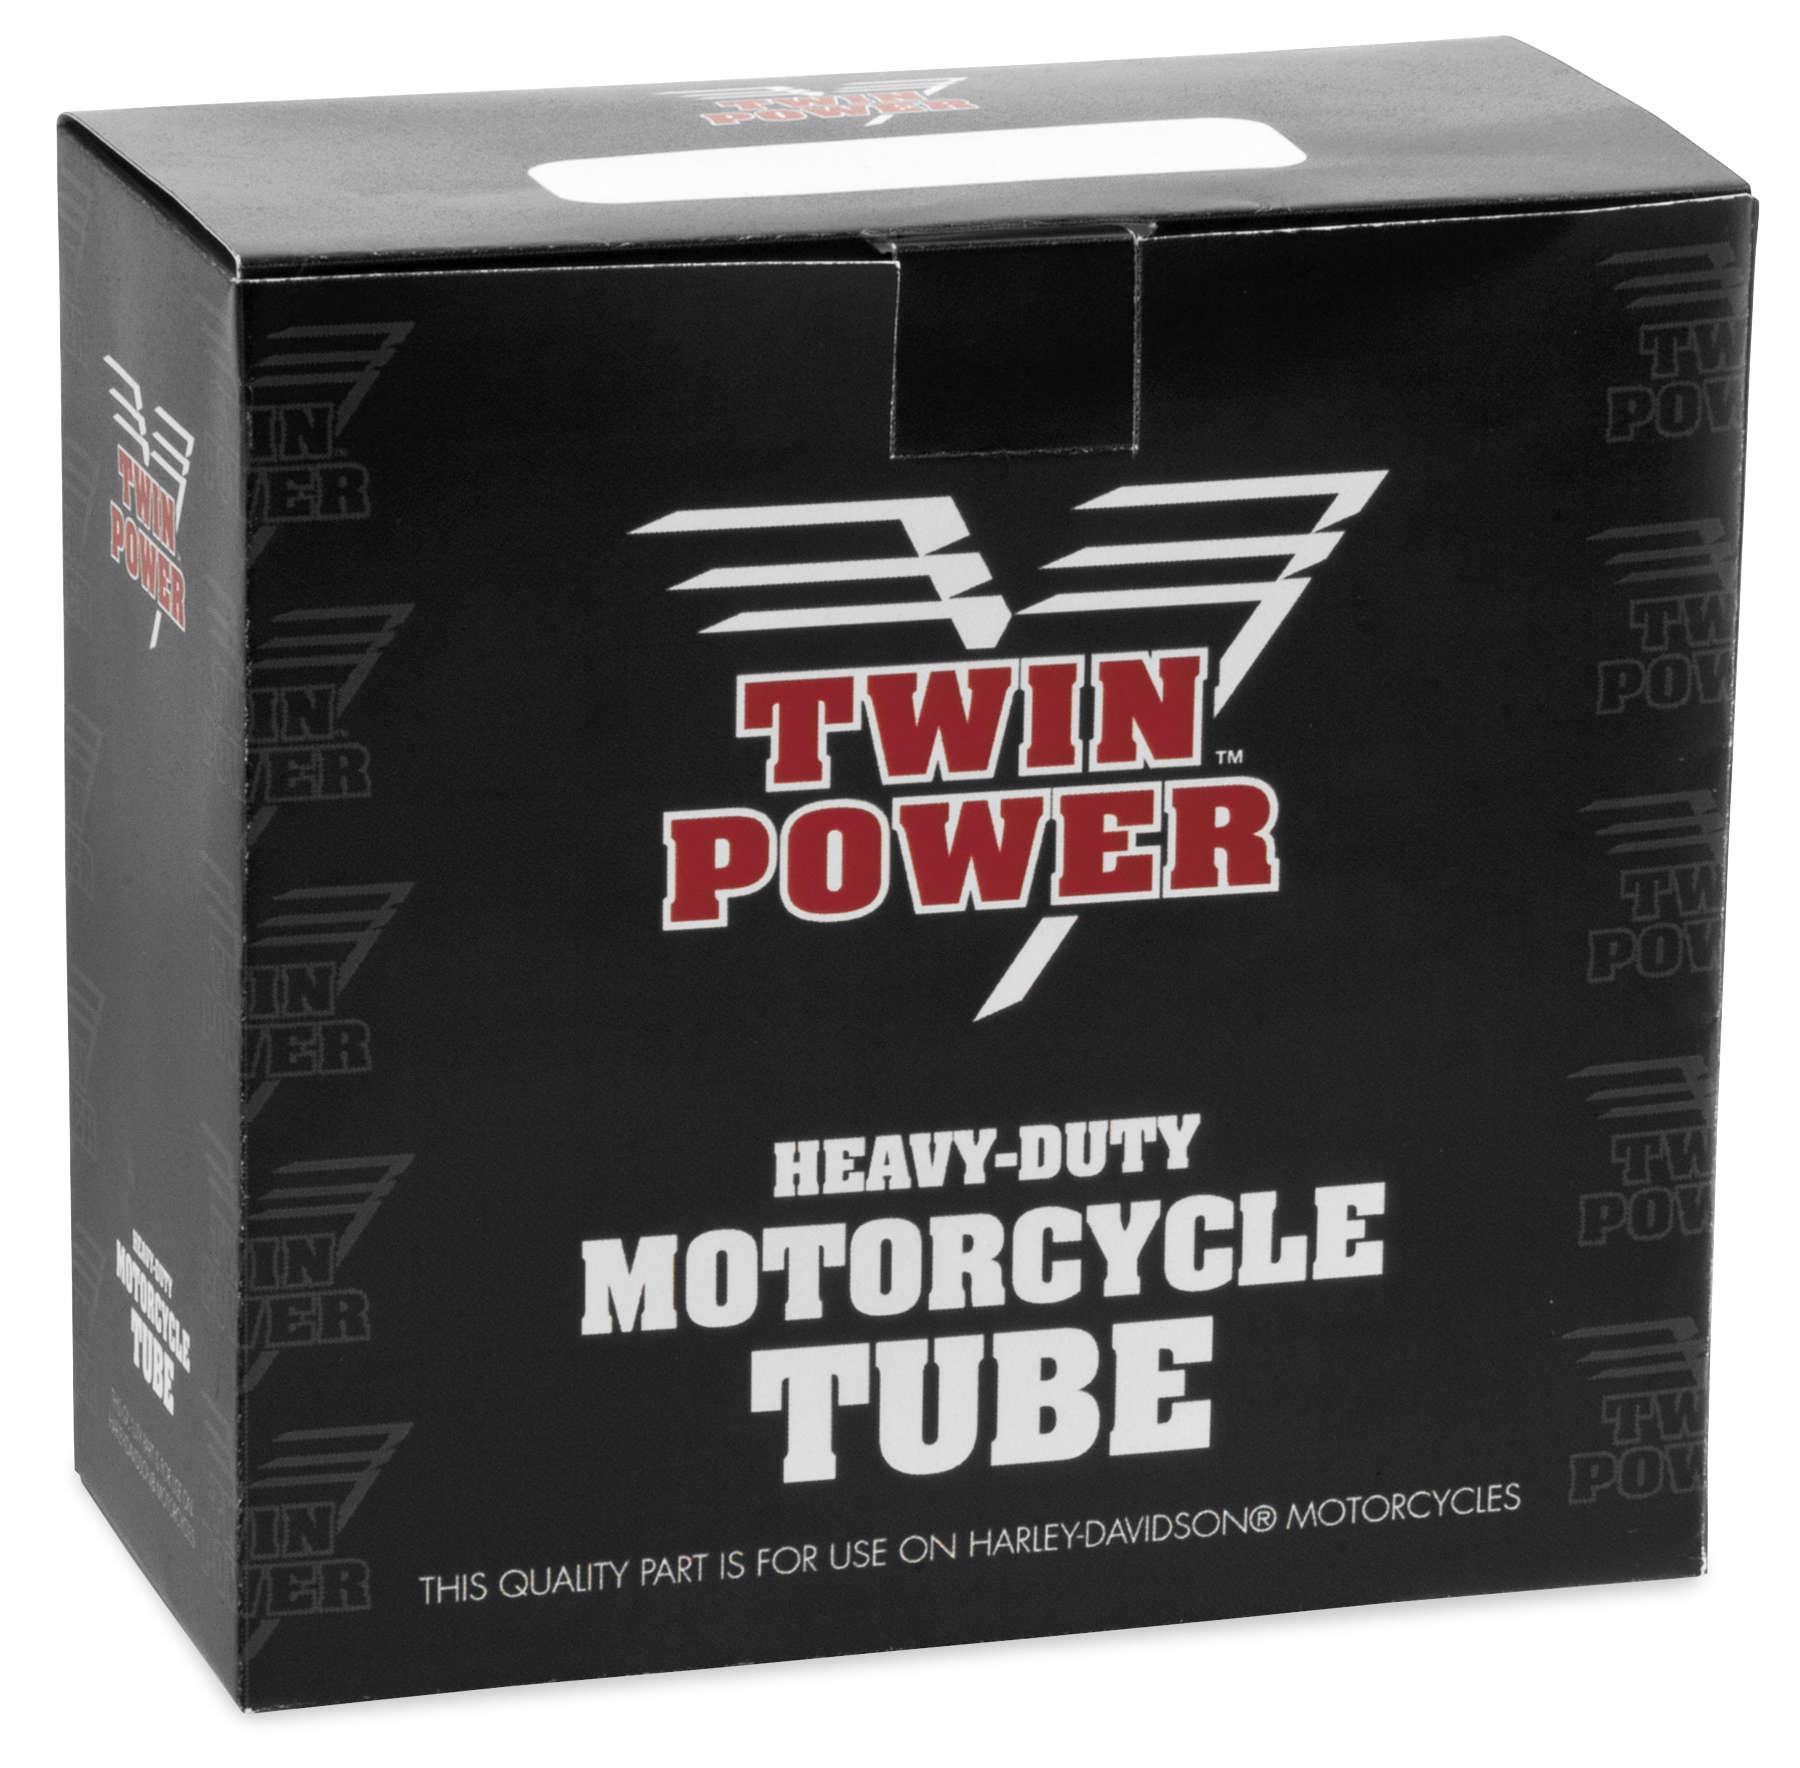 Heavy-Duty Inner Tubes